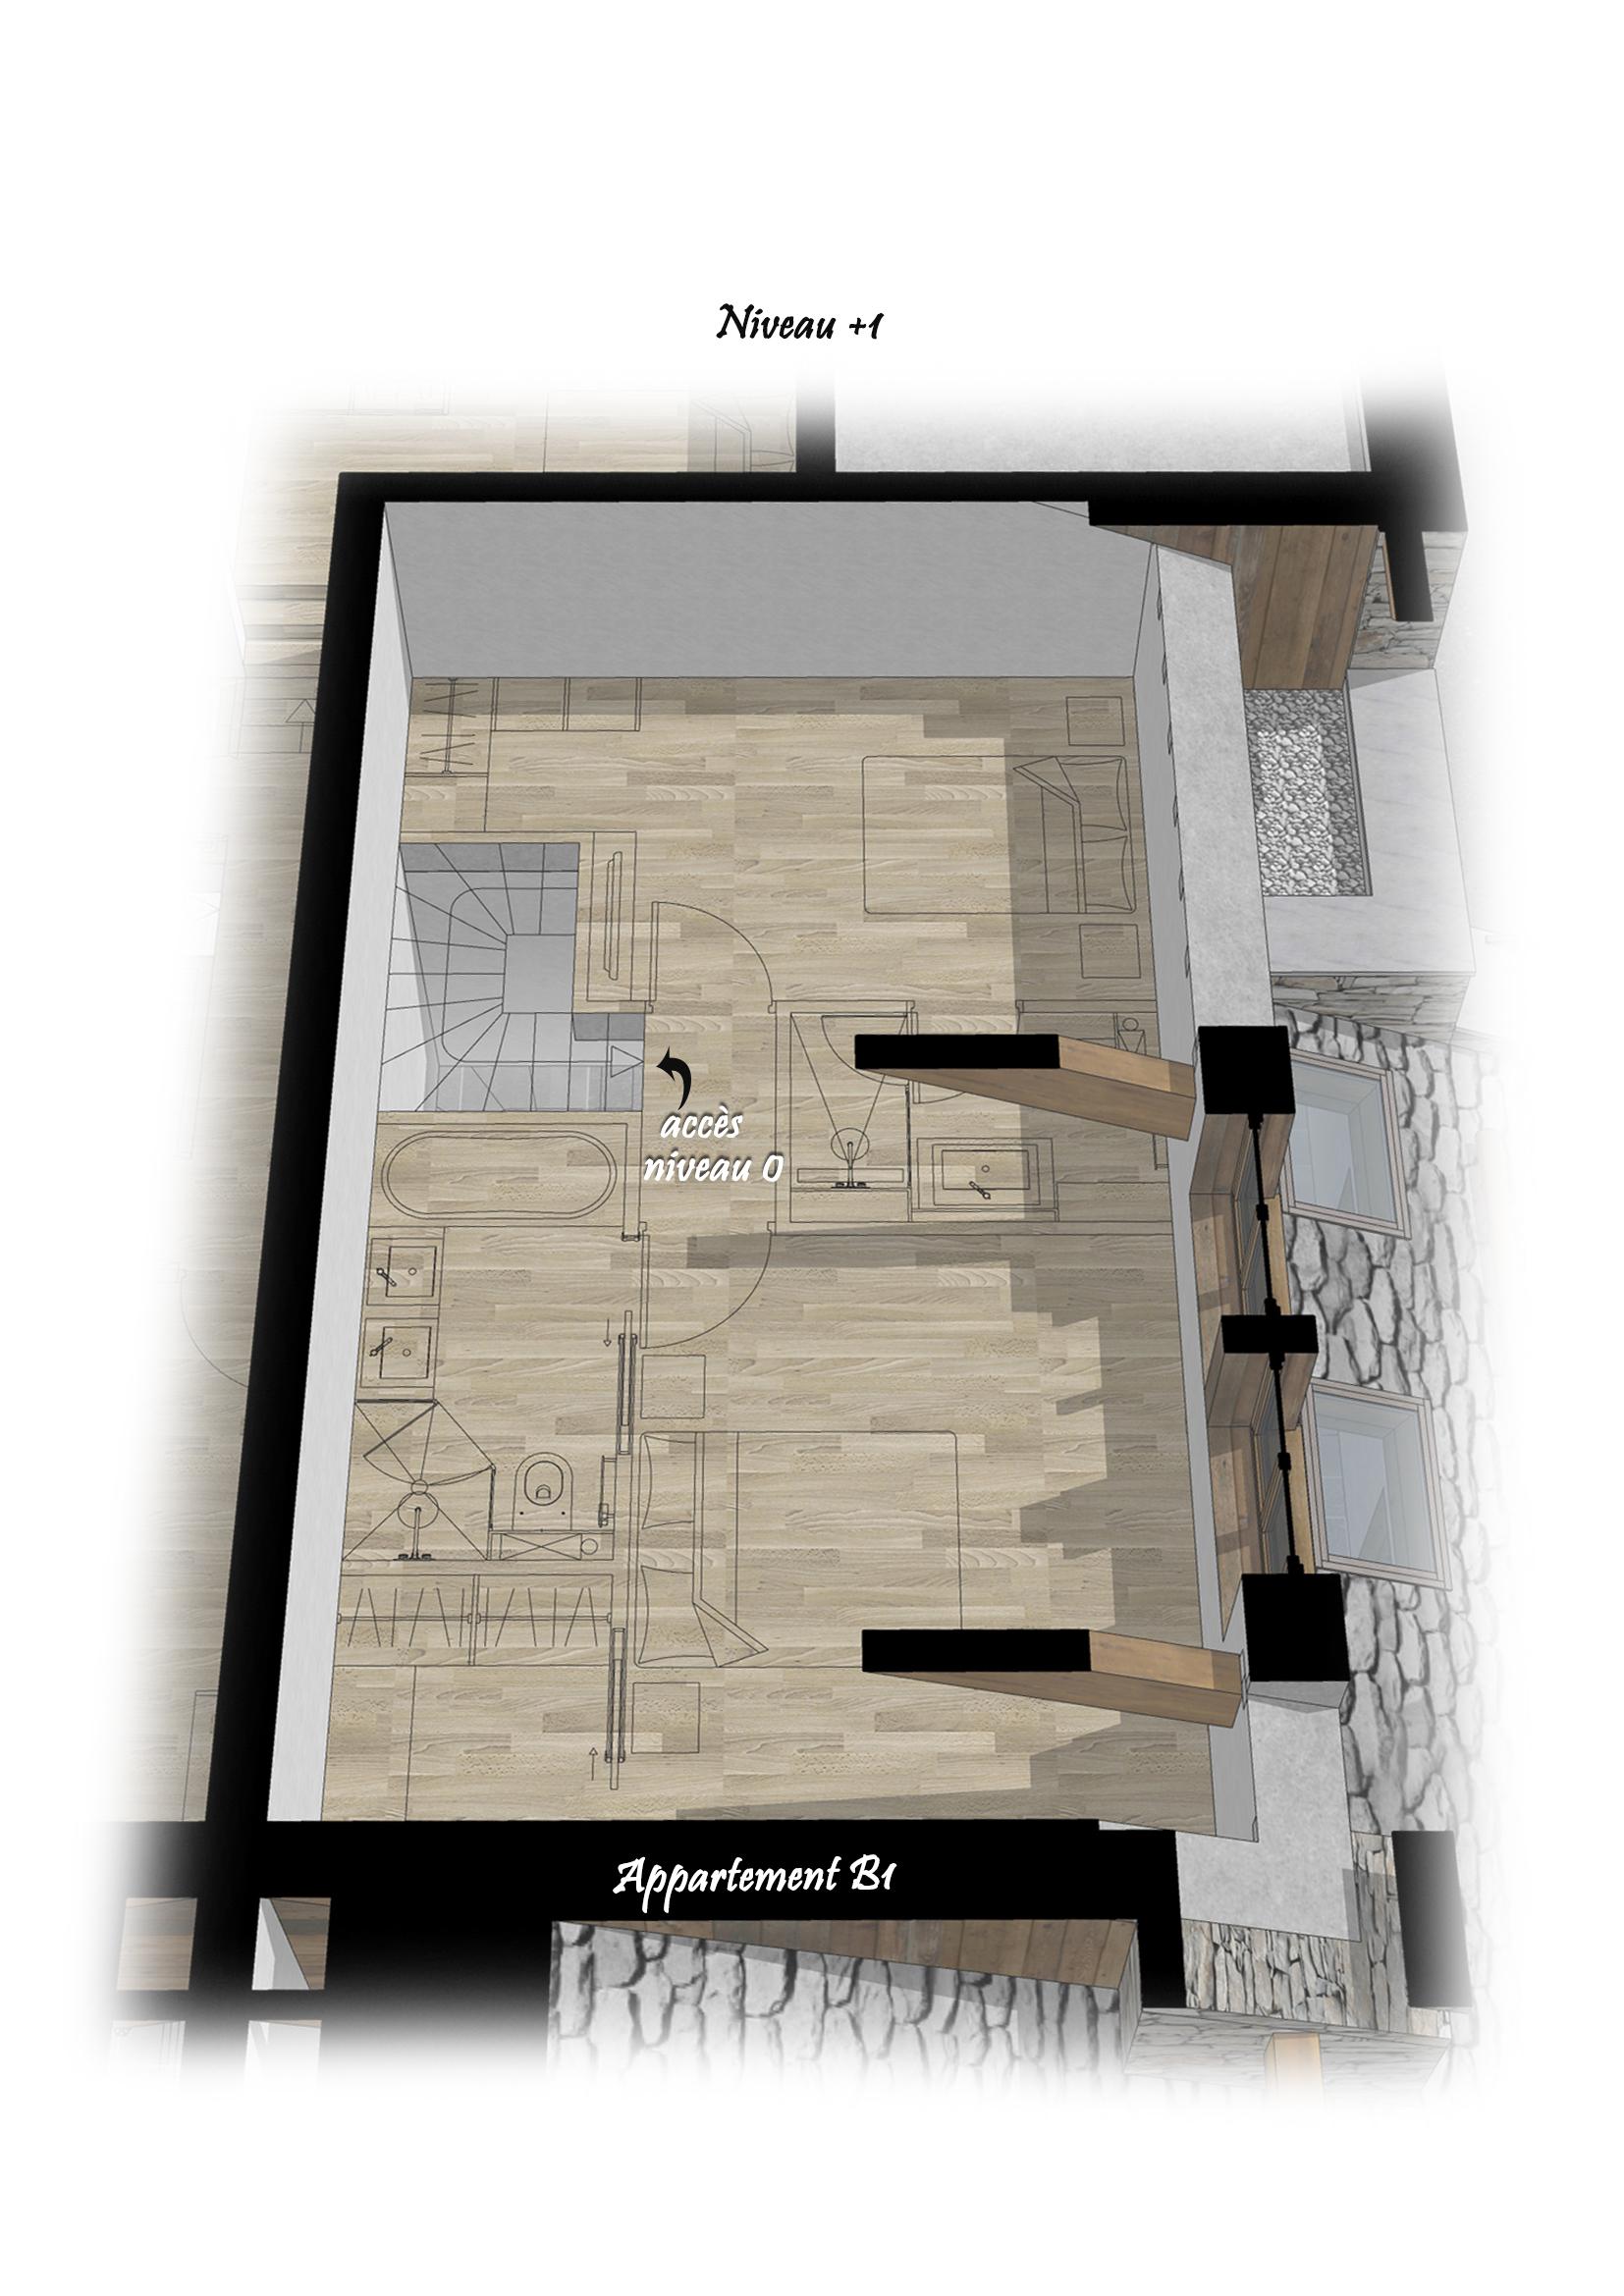 Les Chalets du Cheval Noir - Appartement B1 - Niveau +1 Saint Martin de Belleville Savoie France